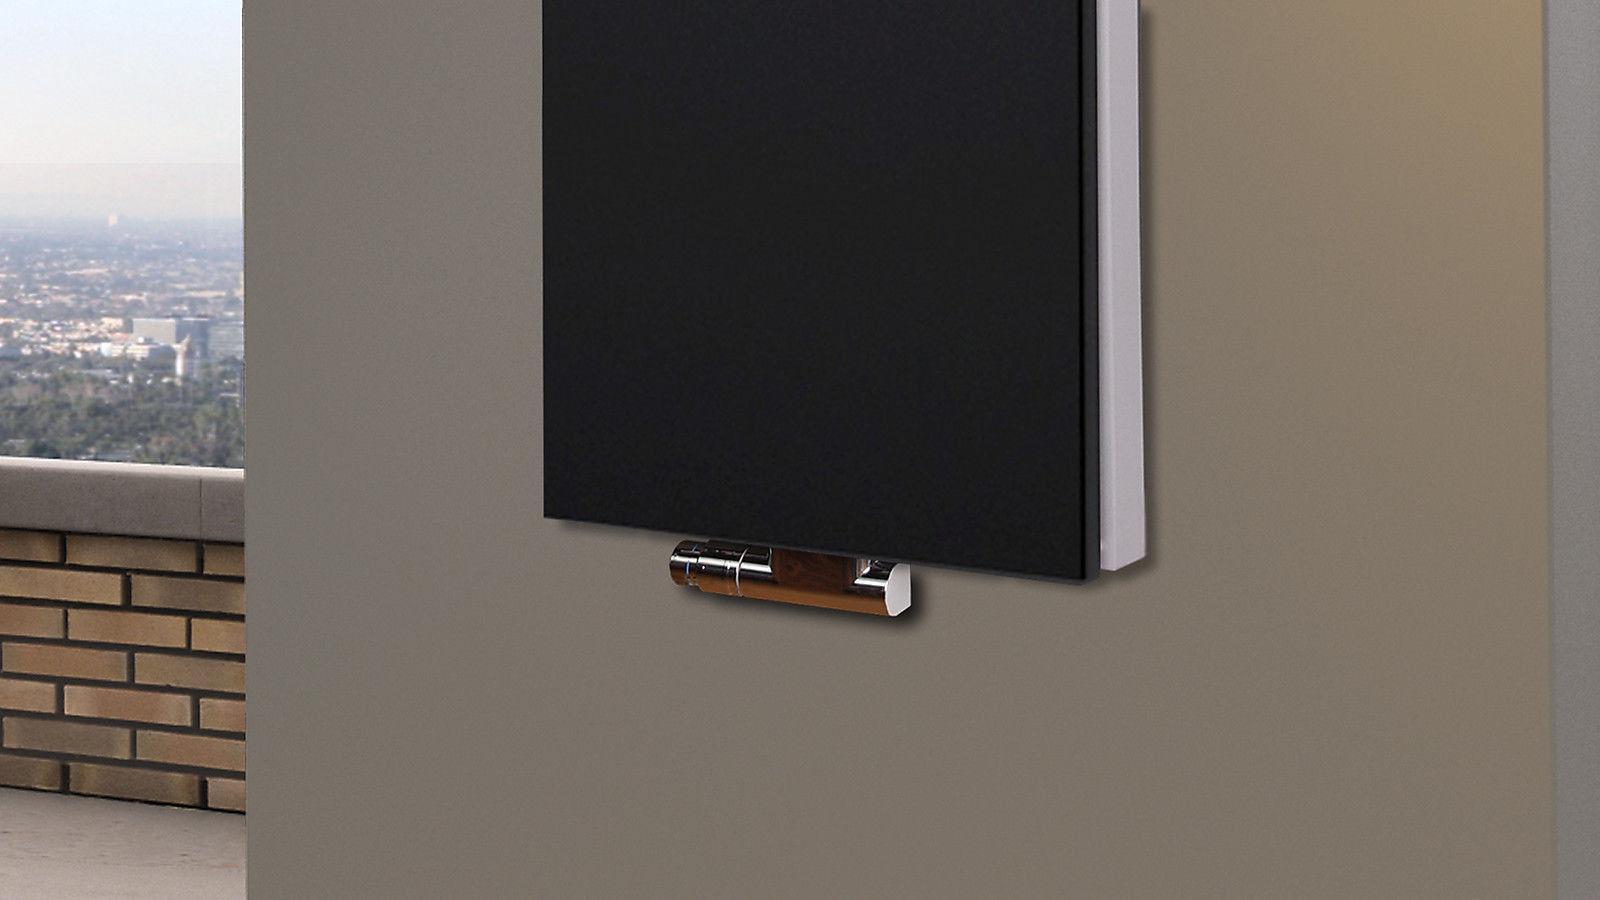 Full Size of Heizkörper Bad Elektroheizkörper Bett 180x200 Schwarz Weiß Wohnzimmer Schwarze Küche Schwarzes Badezimmer Für Wohnzimmer Heizkörper Schwarz